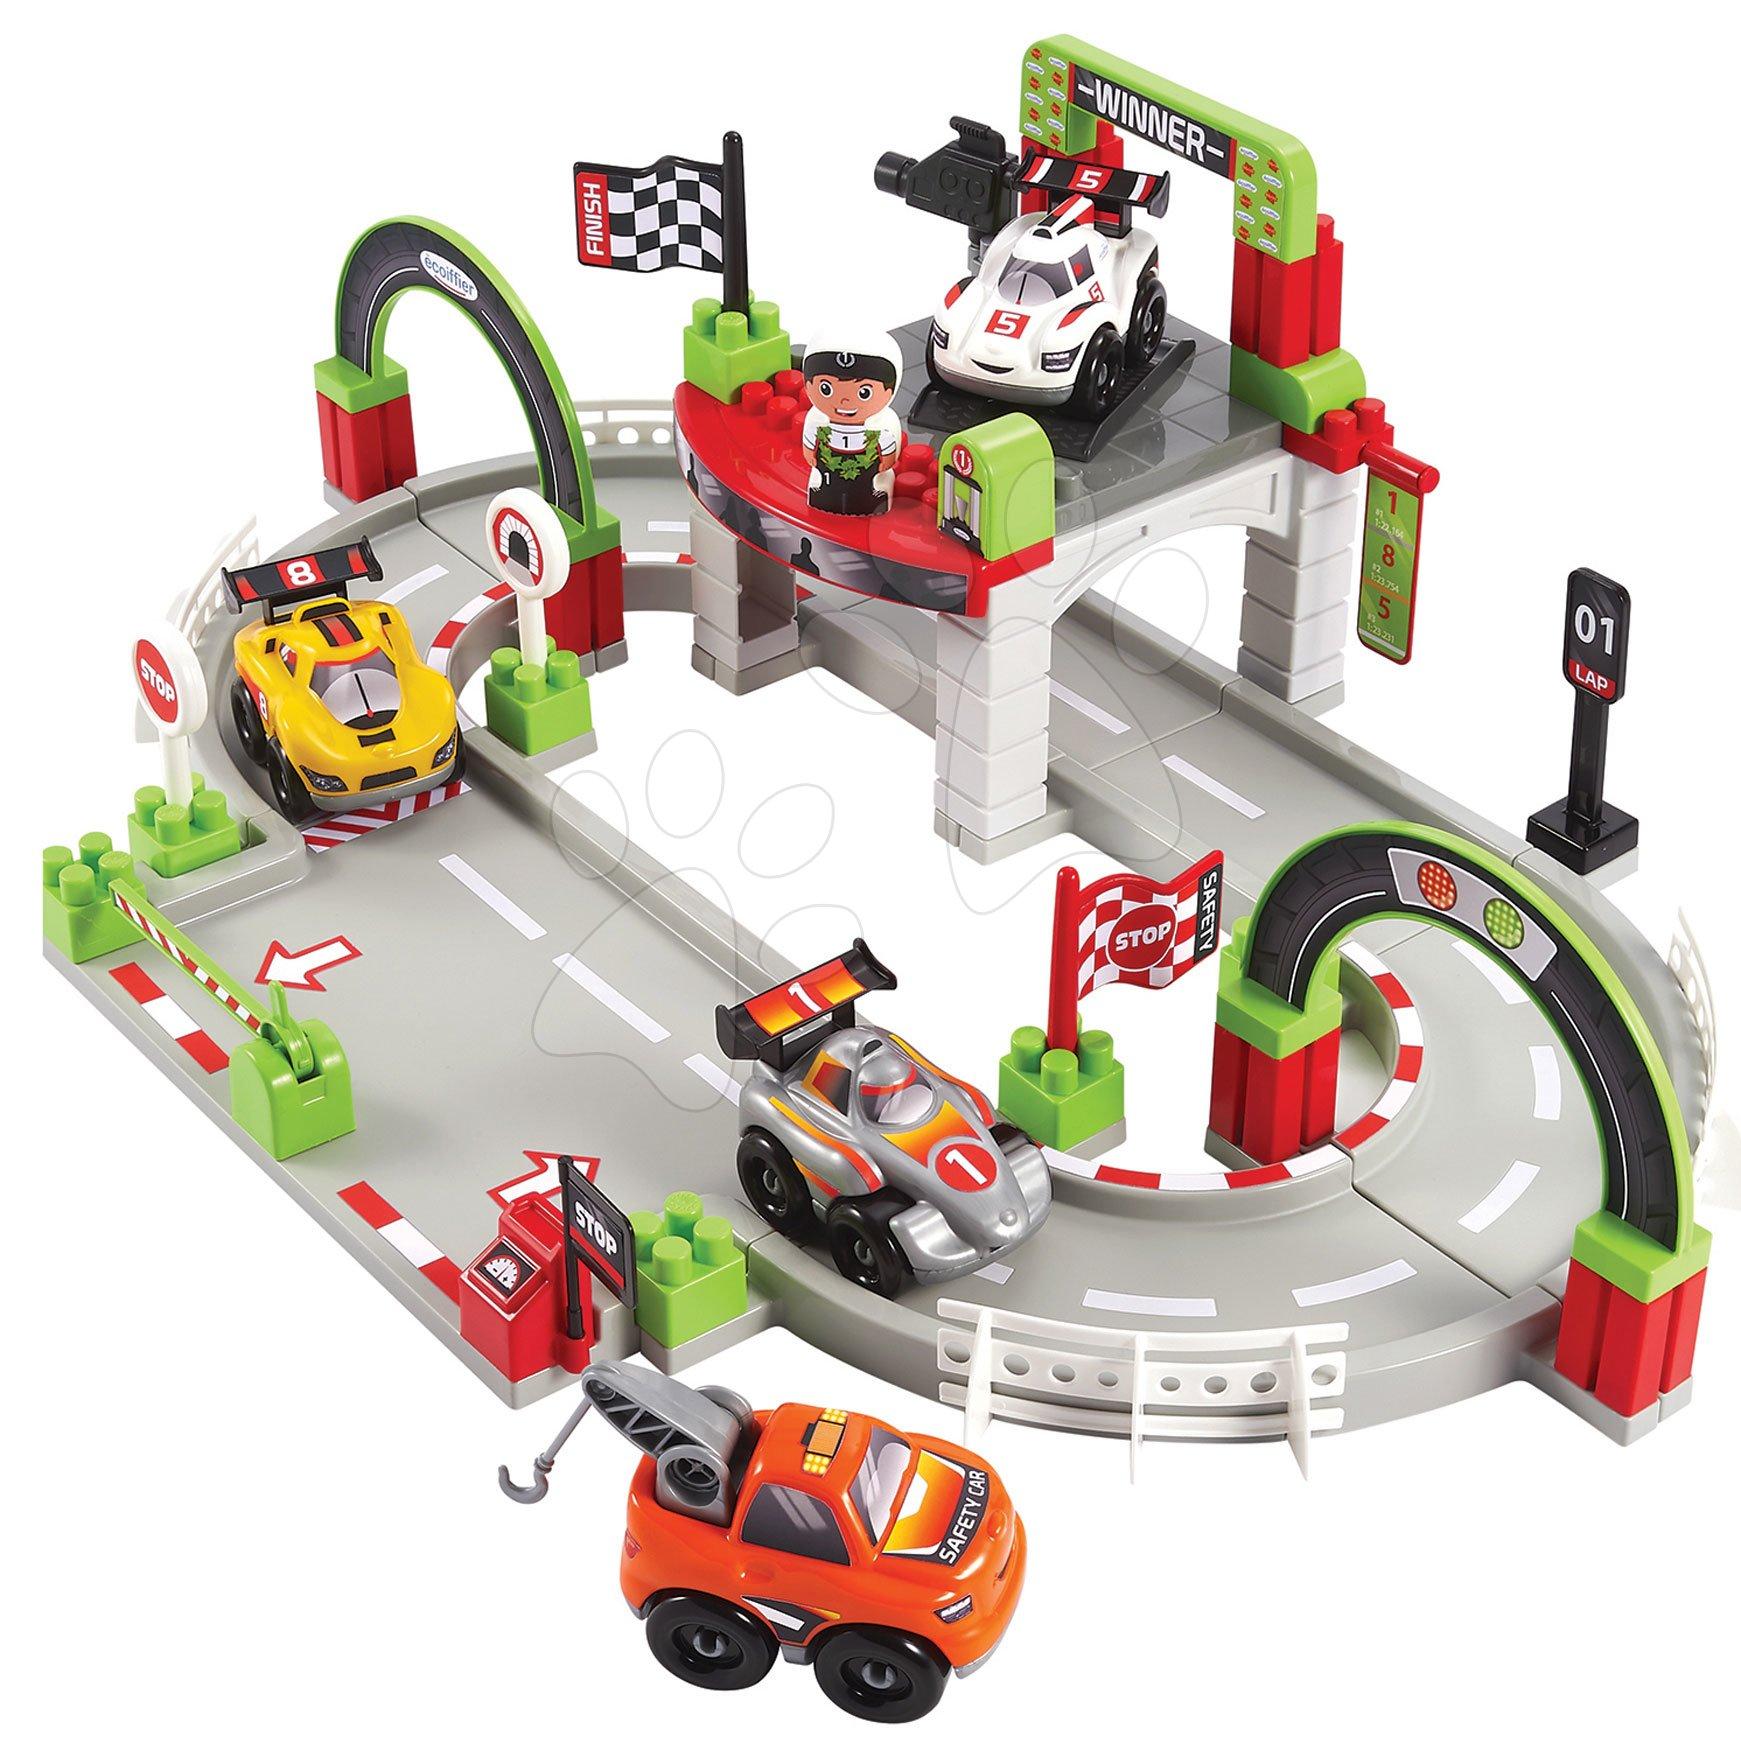 Abrick építőkockák - Építőjáték versenypálya győztessel Abrick Écoiffier 4 kisautóval és 1 figurával 18 hó-tól